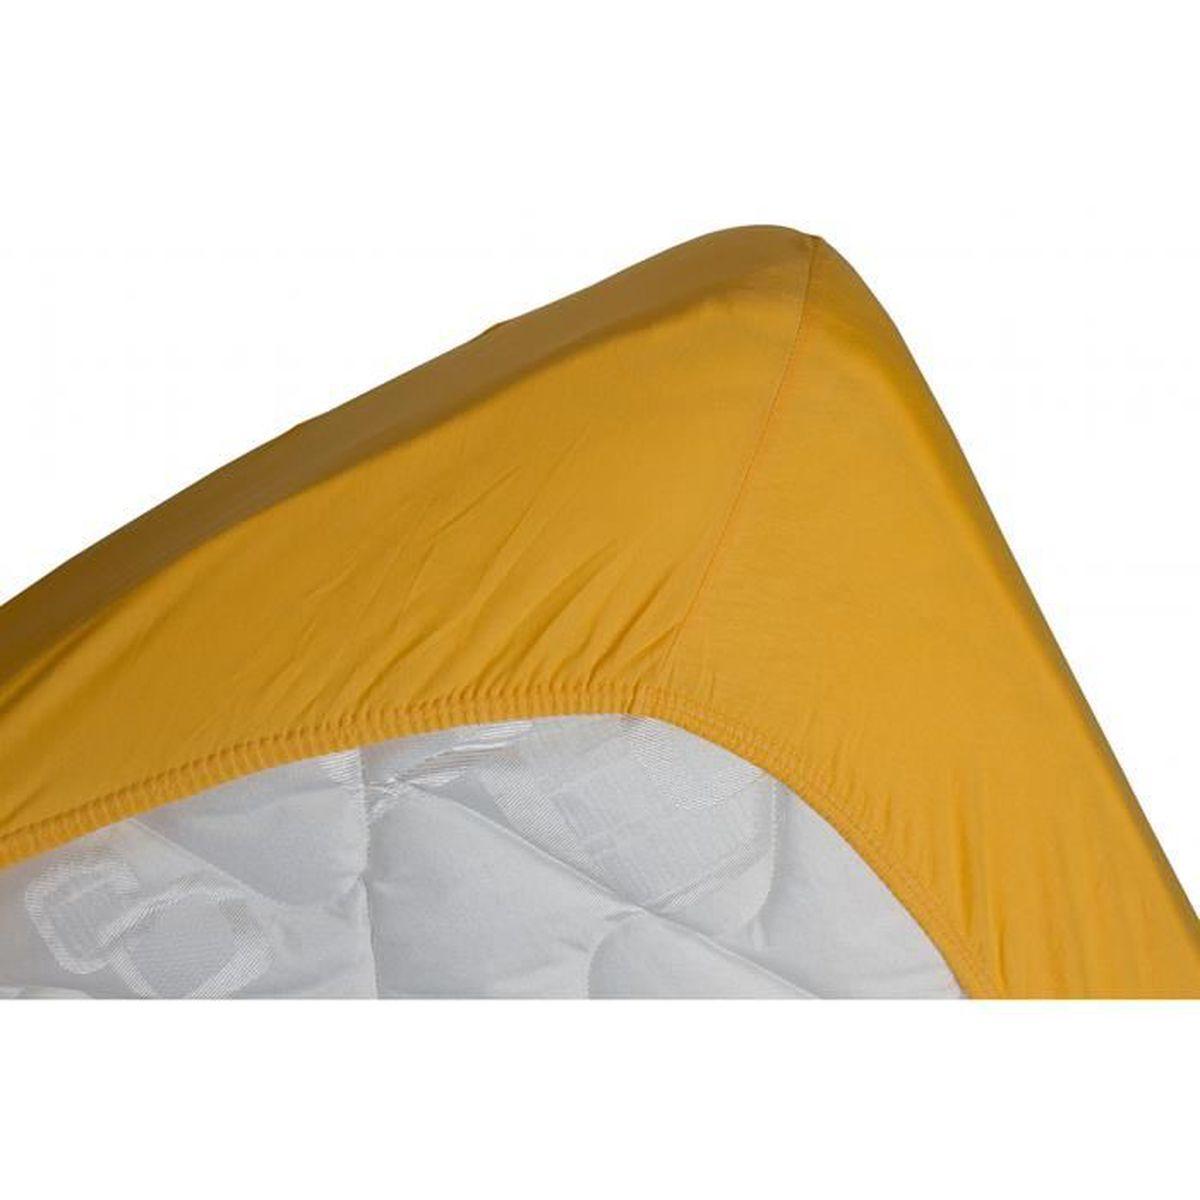 DRAP HOUSSE Drap housse jersey extensible DOUCEUR jaune or - 1